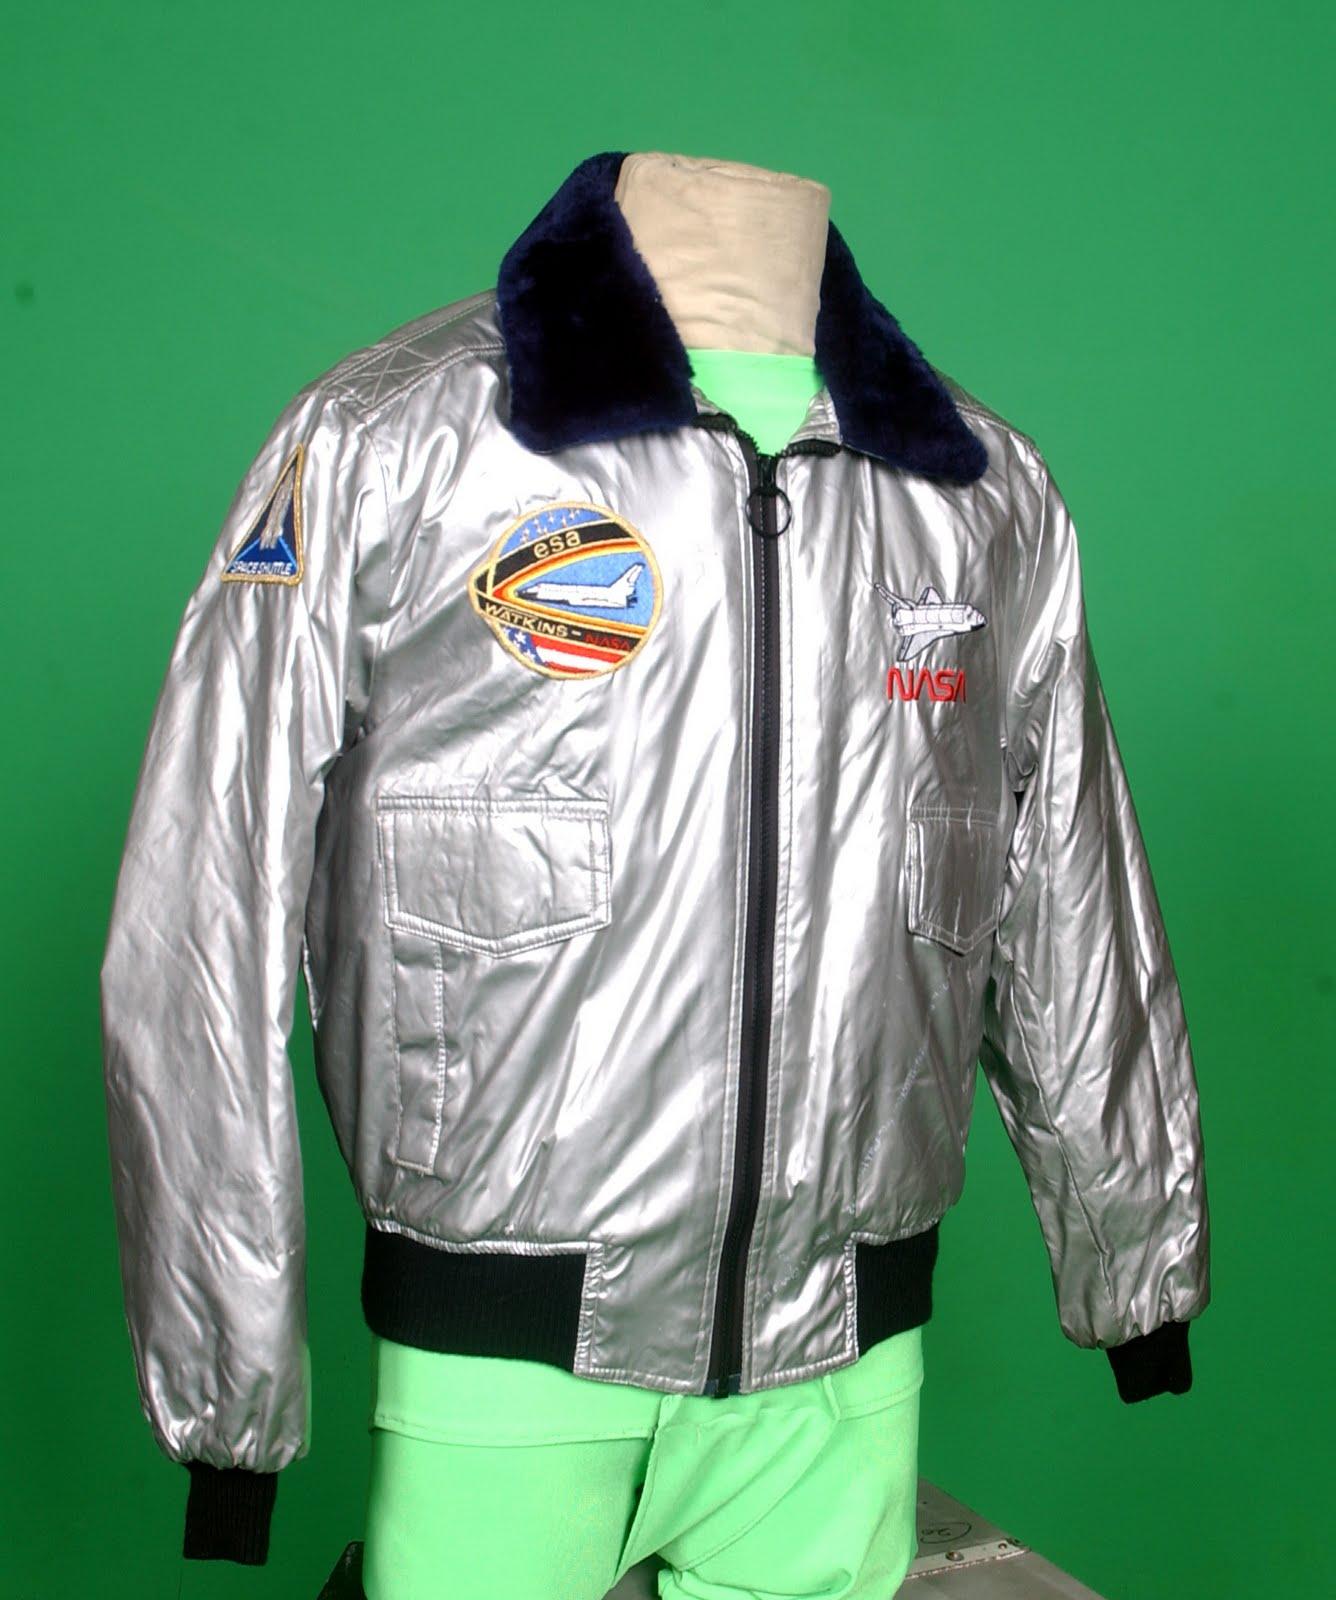 NASA Silver Jackets